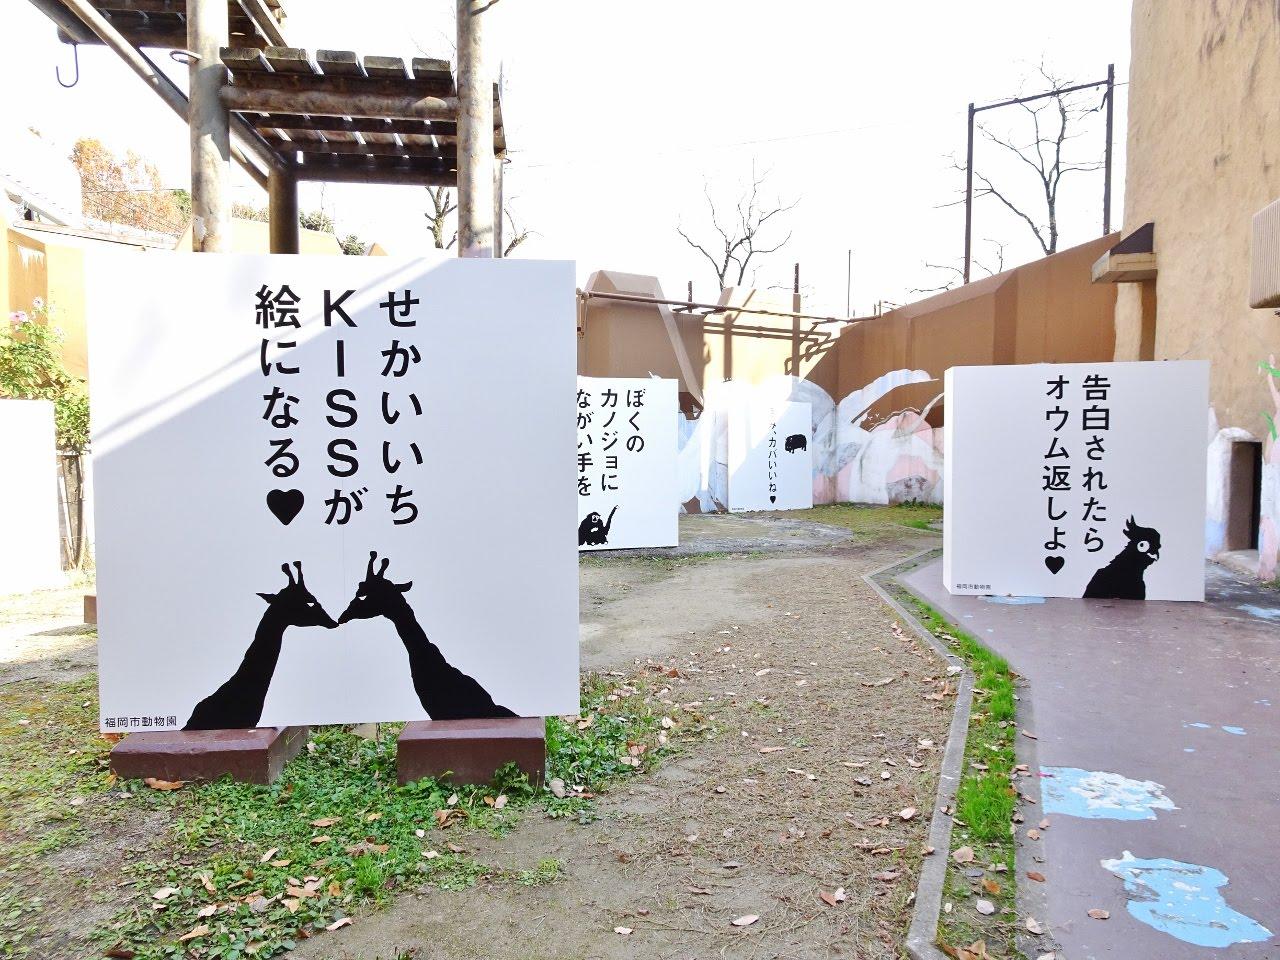 福岡市動物園ブログ: 「動物はアートだ」ポスターが2年連続福岡広告協会